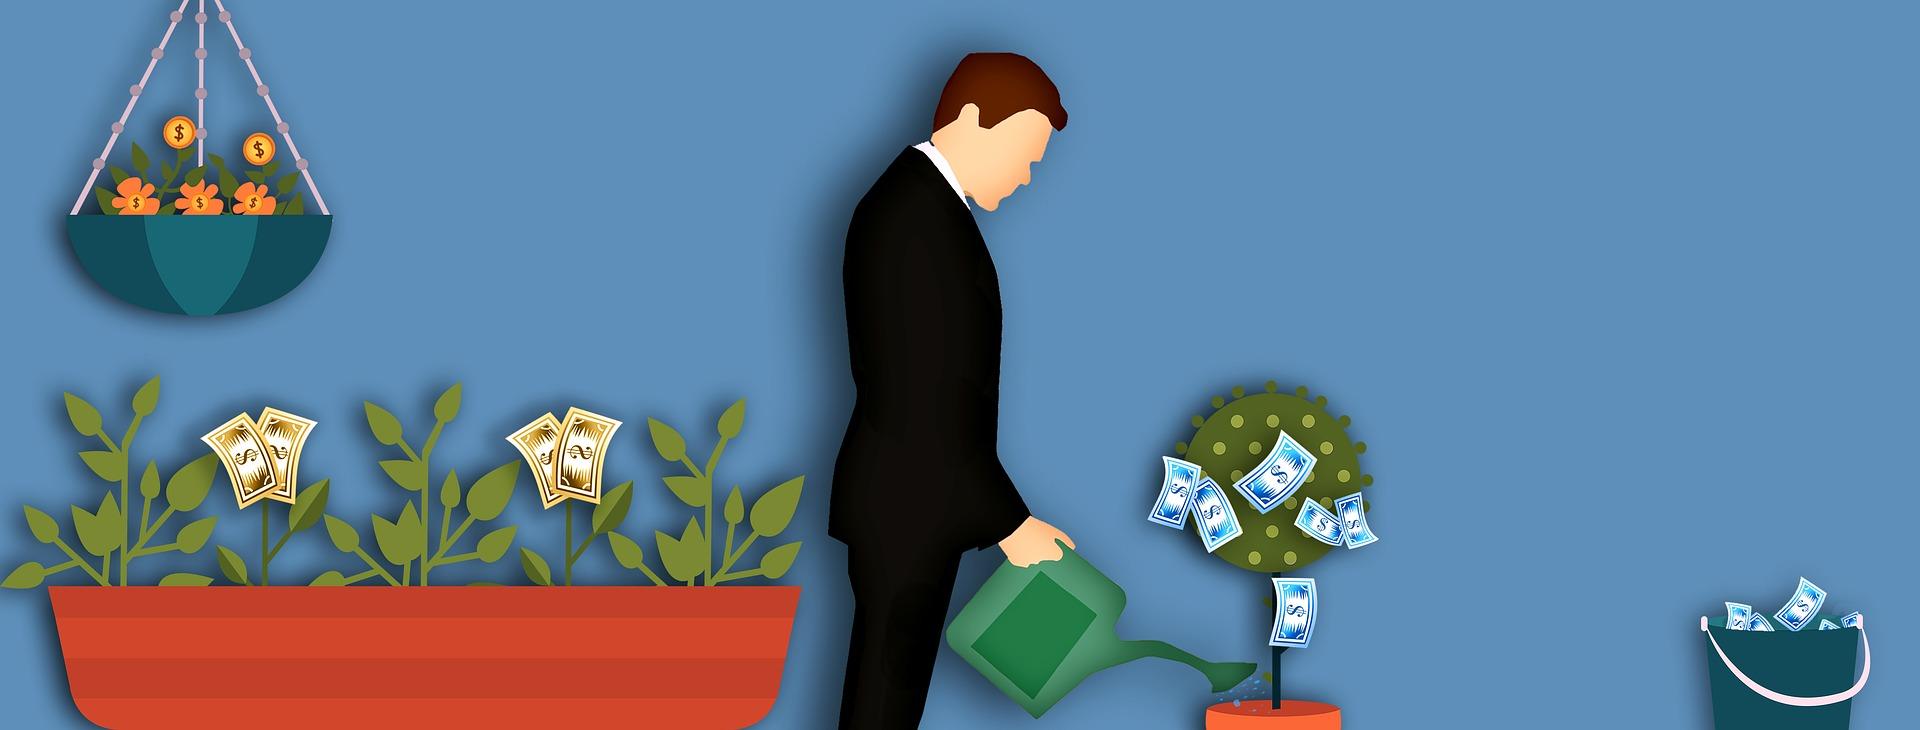 Comment gagner de l'argent gratuitement ? Les solutions